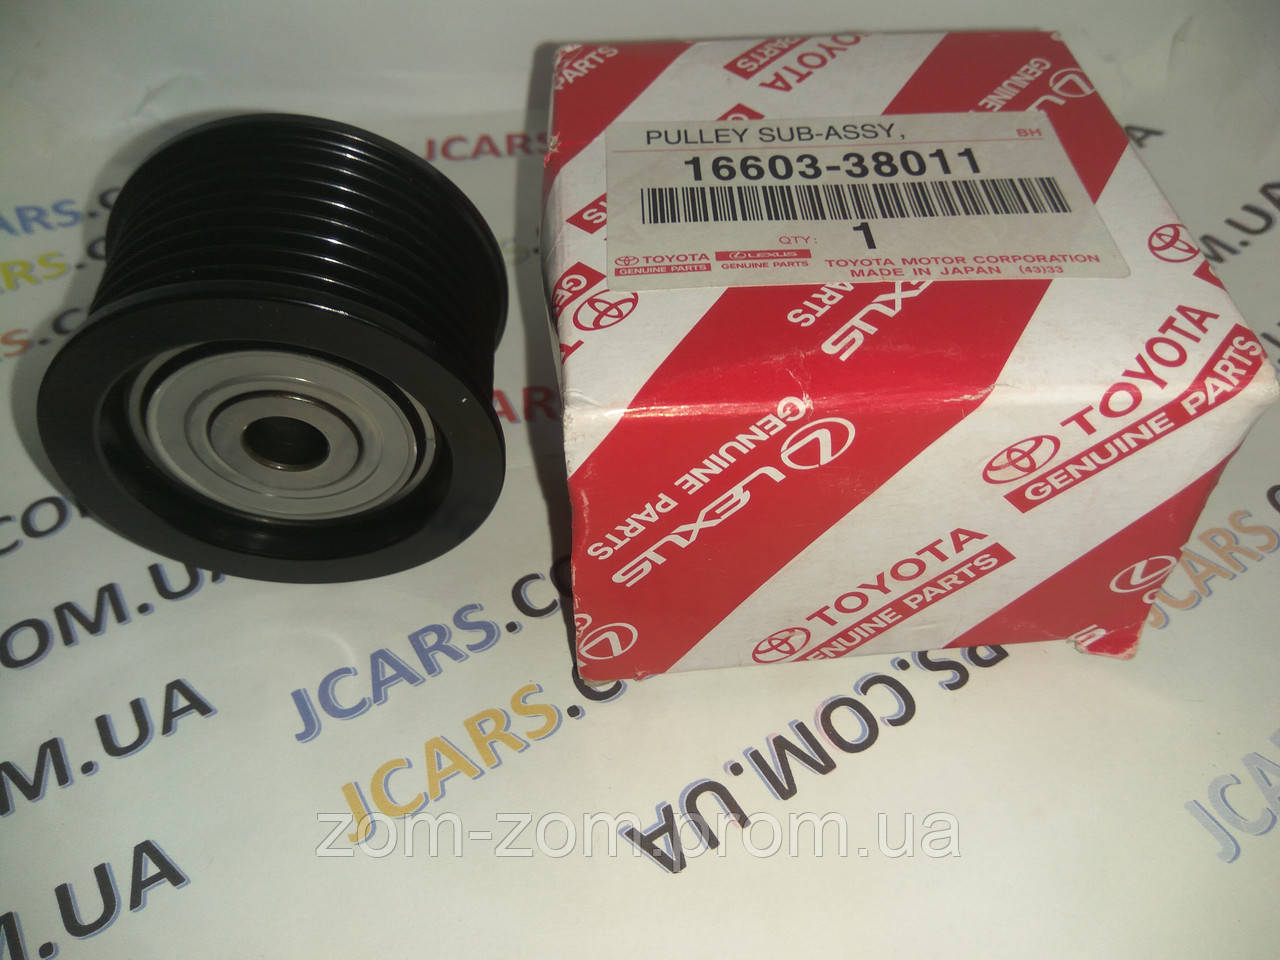 Ролик сервисного приводного ремня Toyota Land Cruiser 200 Sequoia Tundra Lexus LX 570 GX 460